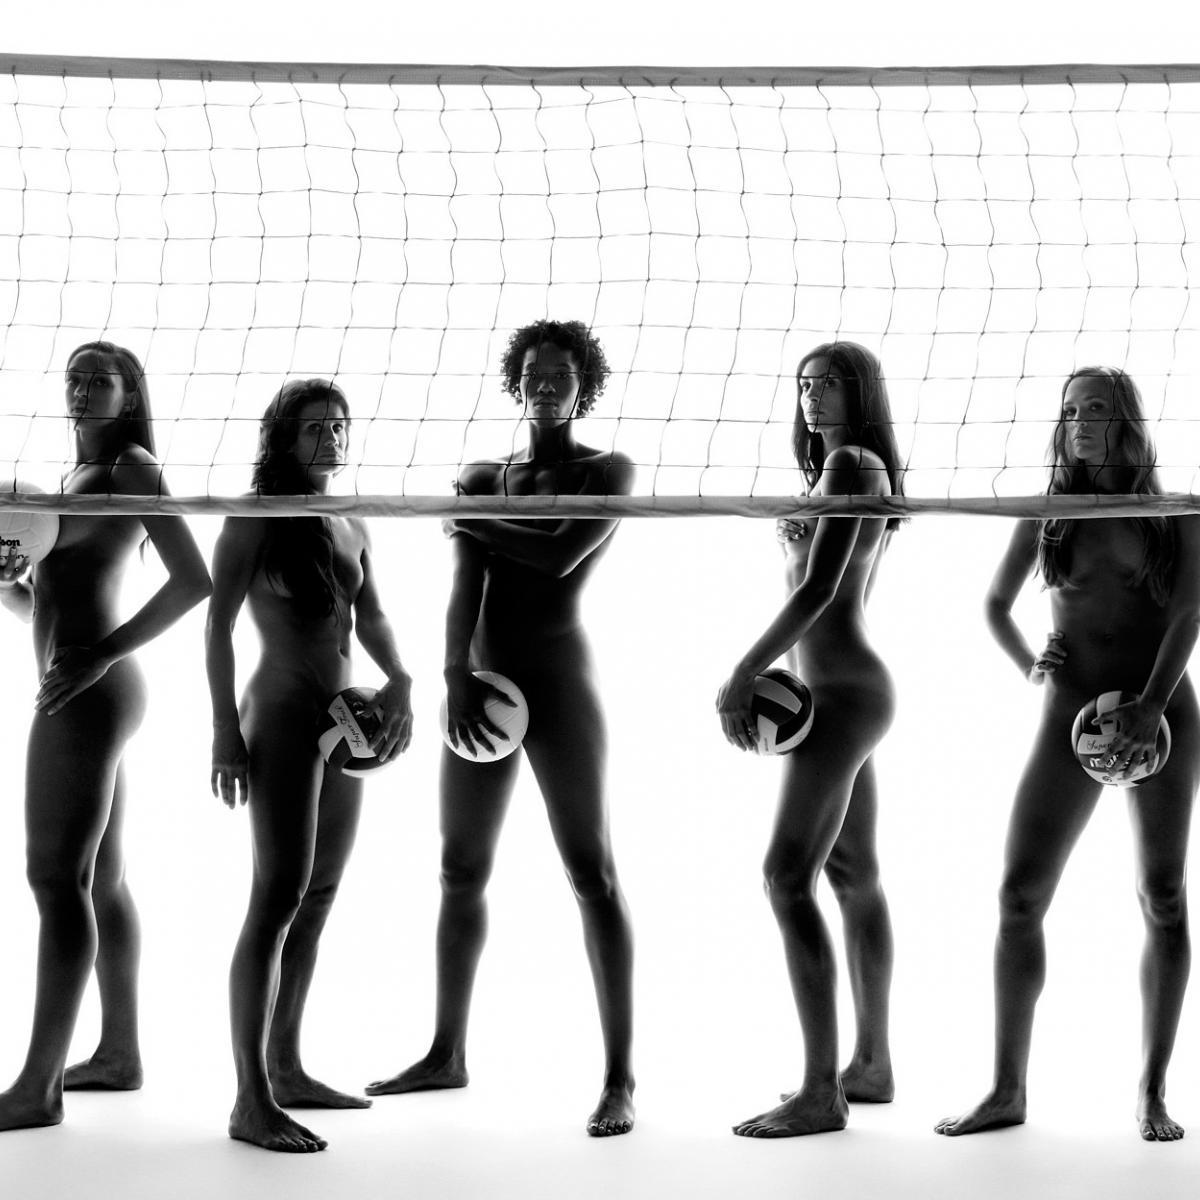 eyval.net: ESPN Magazine, The Body Issue 2012